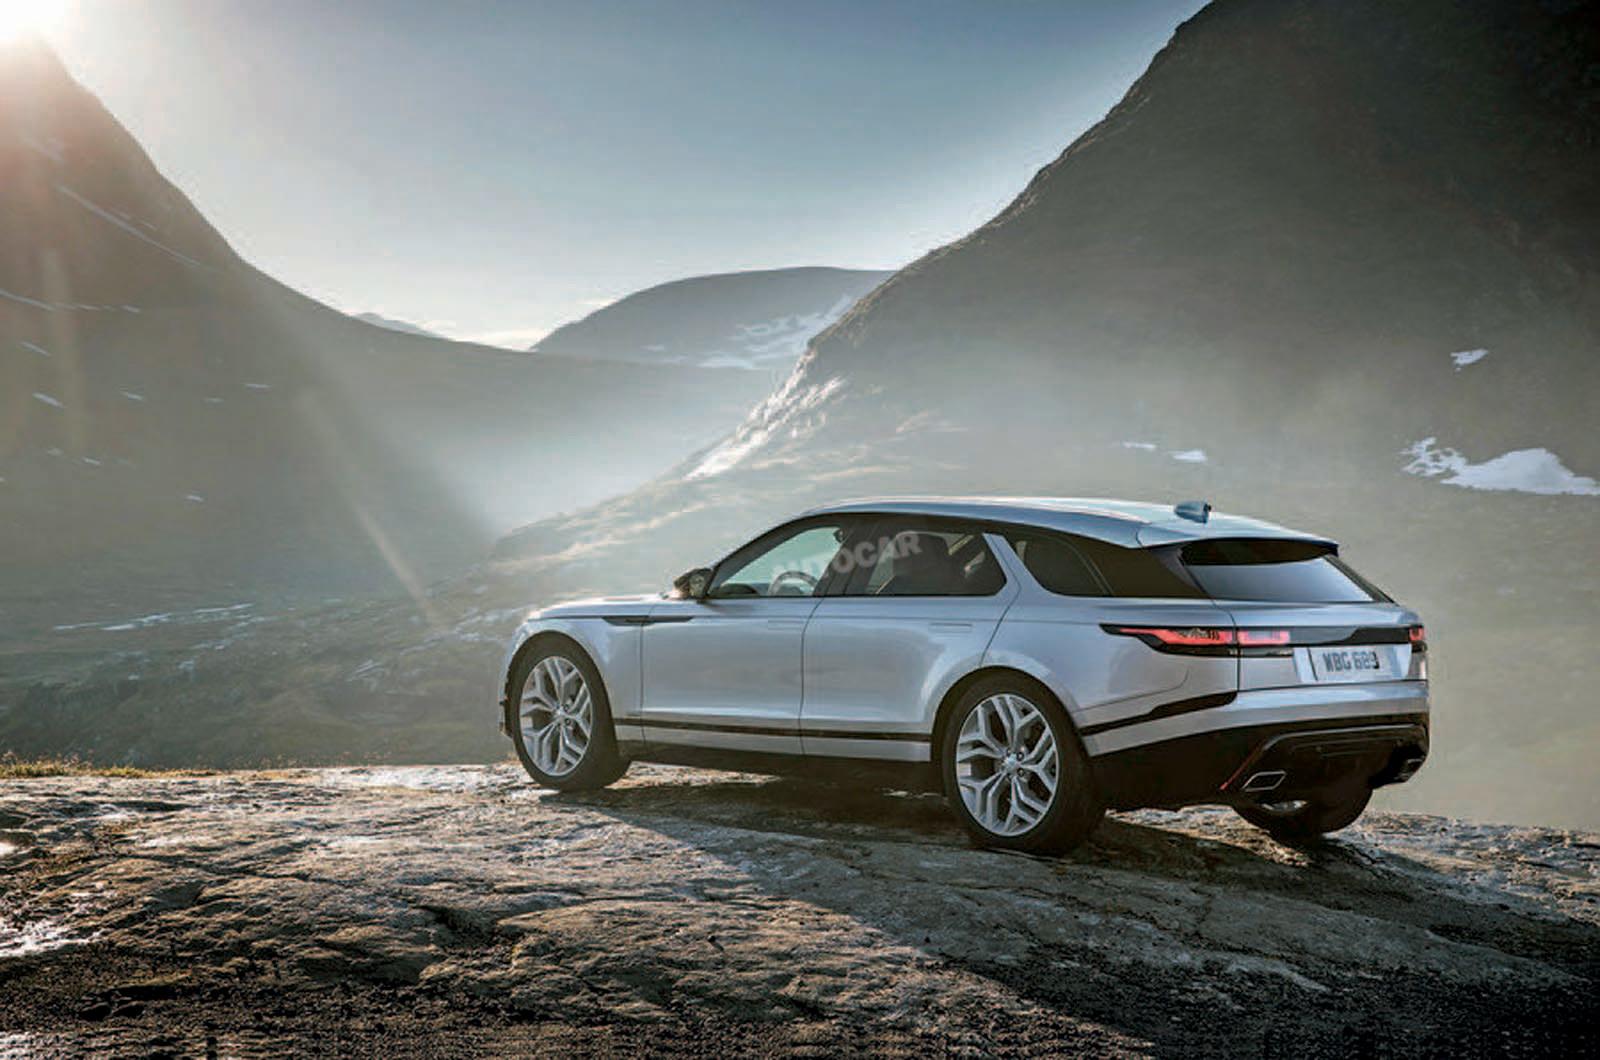 Новая модель Land Rover получила имя Road Rover 1